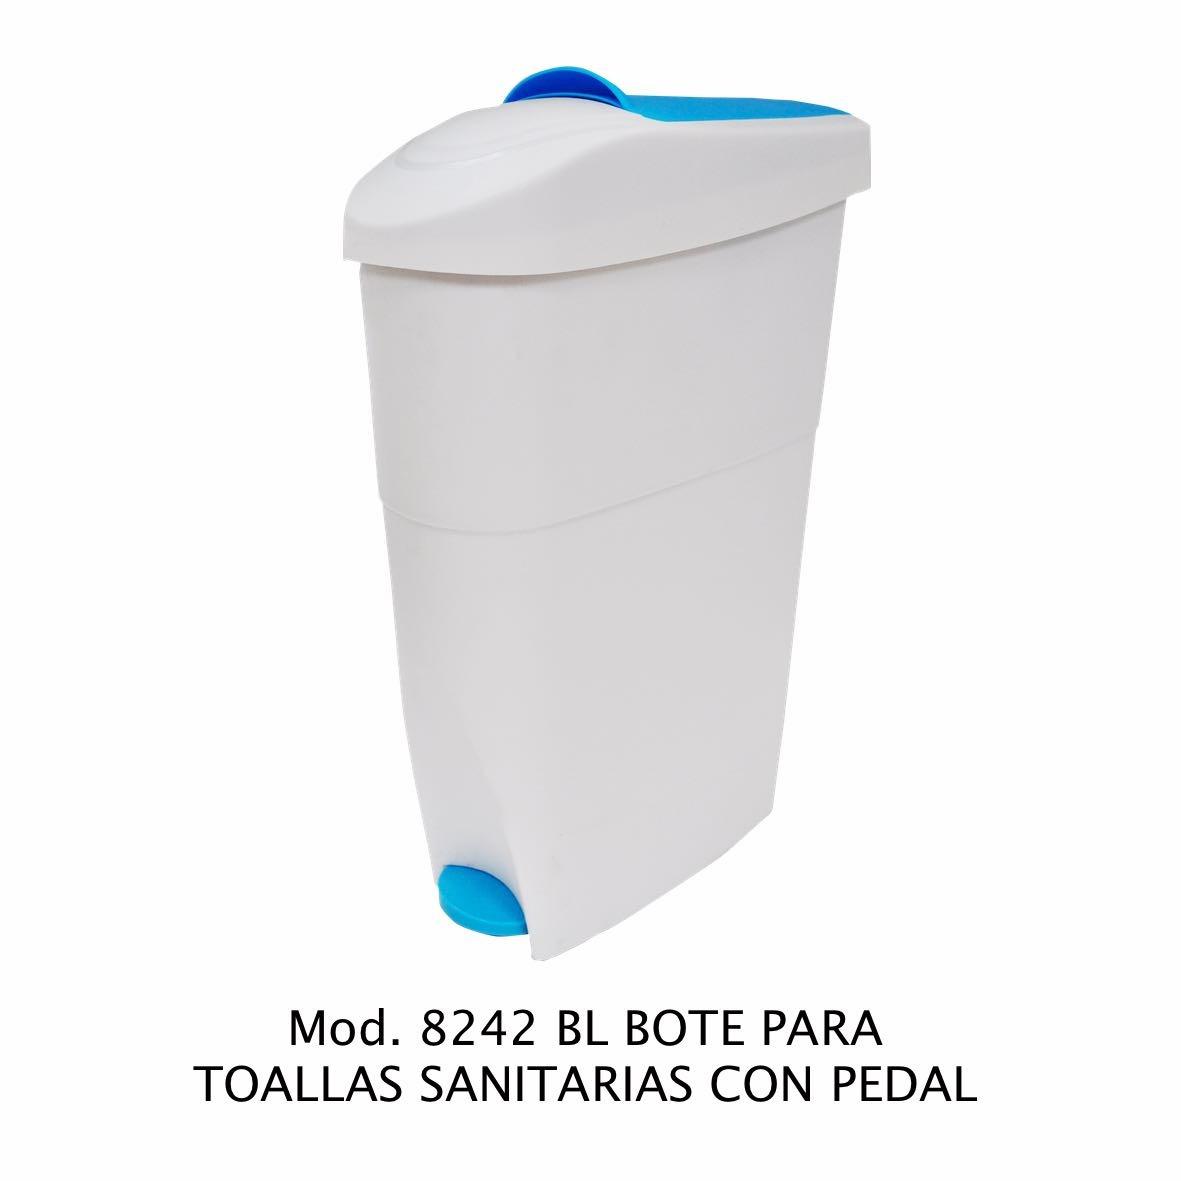 Bote de basura con pedal para toallas sanitarias - Sablón